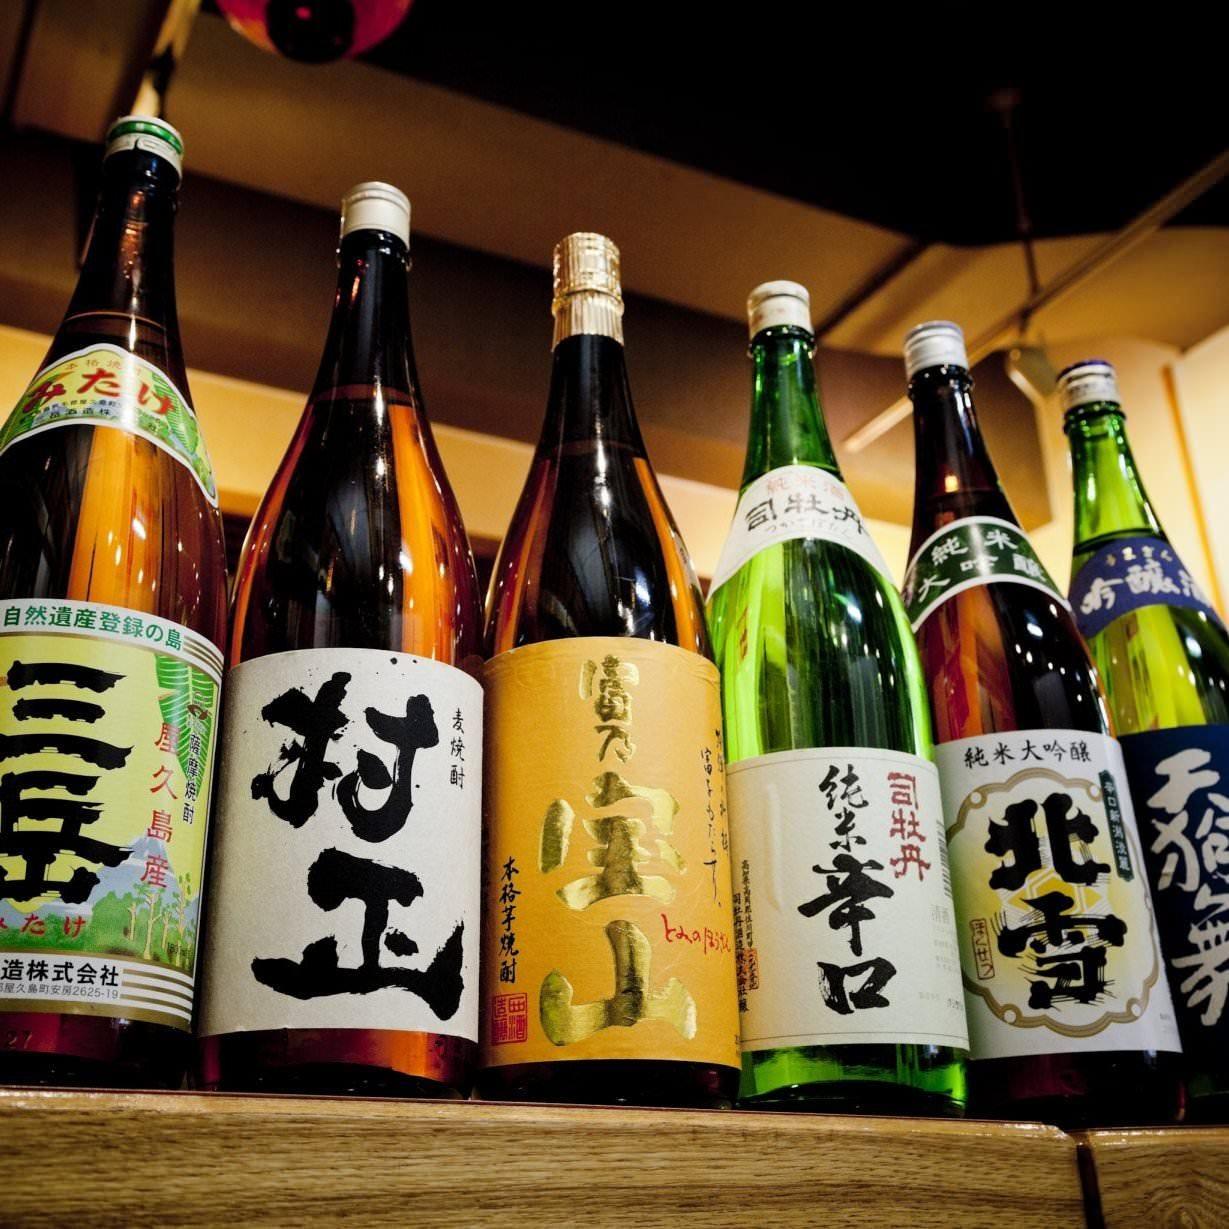 宴会★生ビール・黒霧島他30種以上!